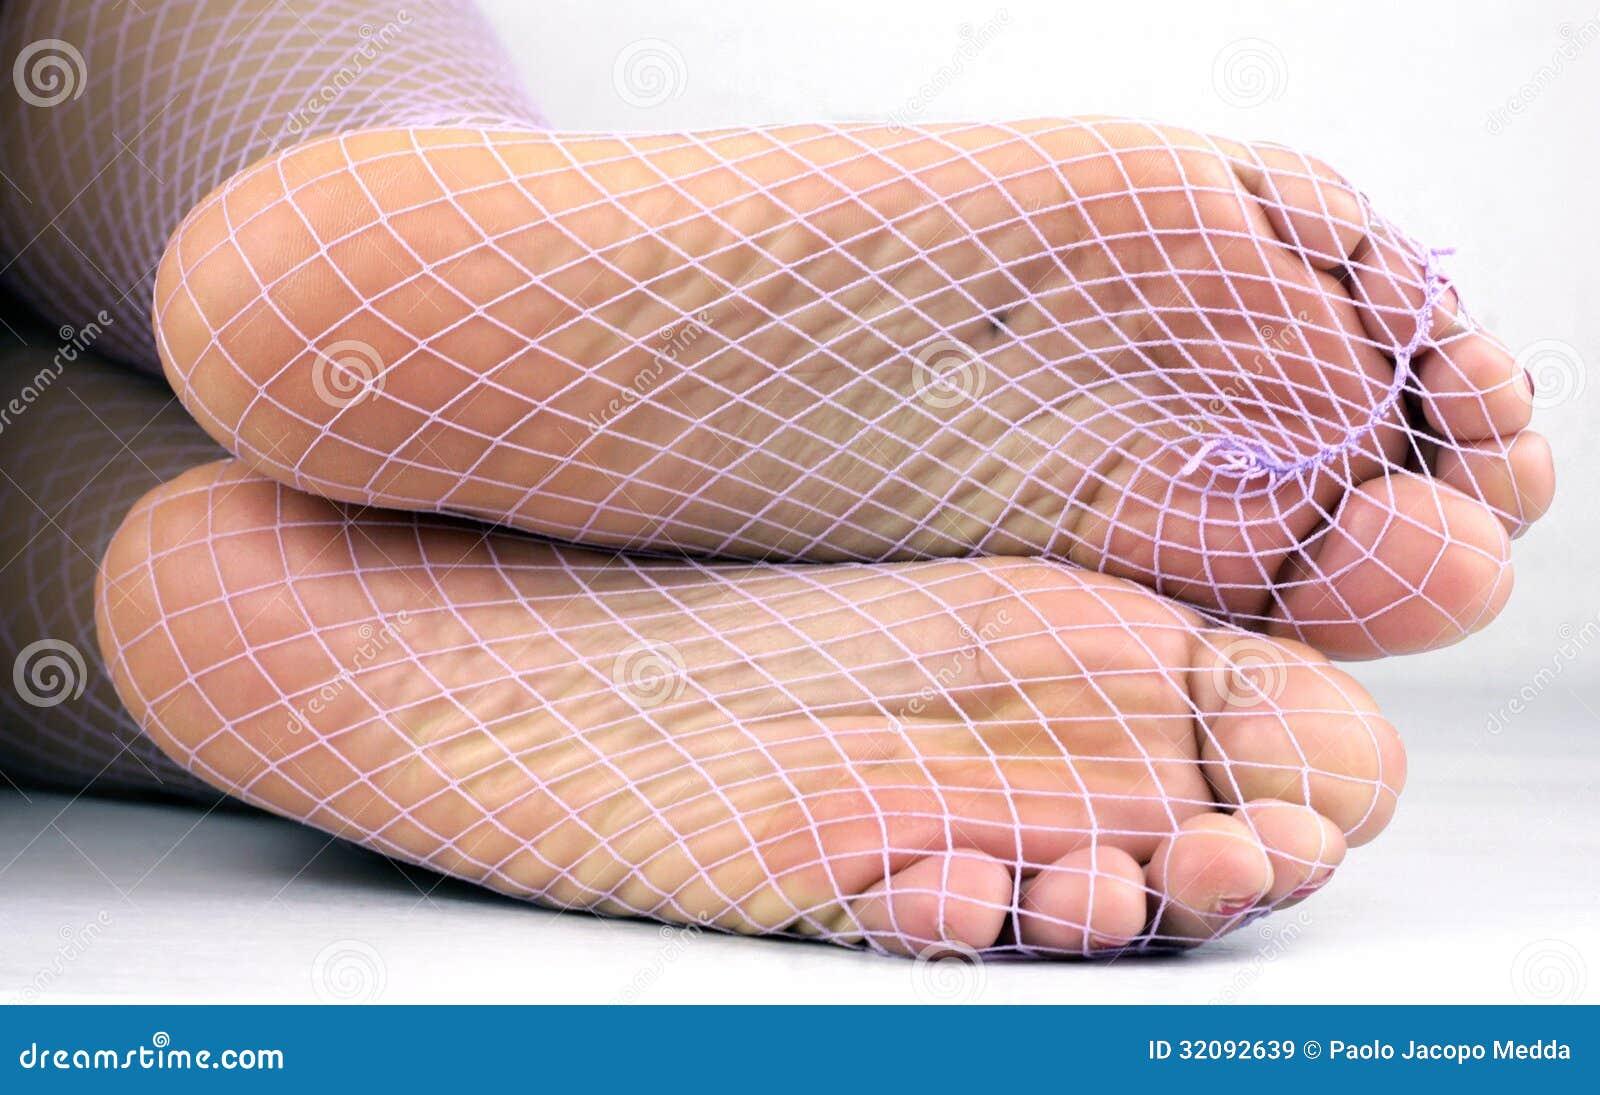 Fishnet nyloned soles